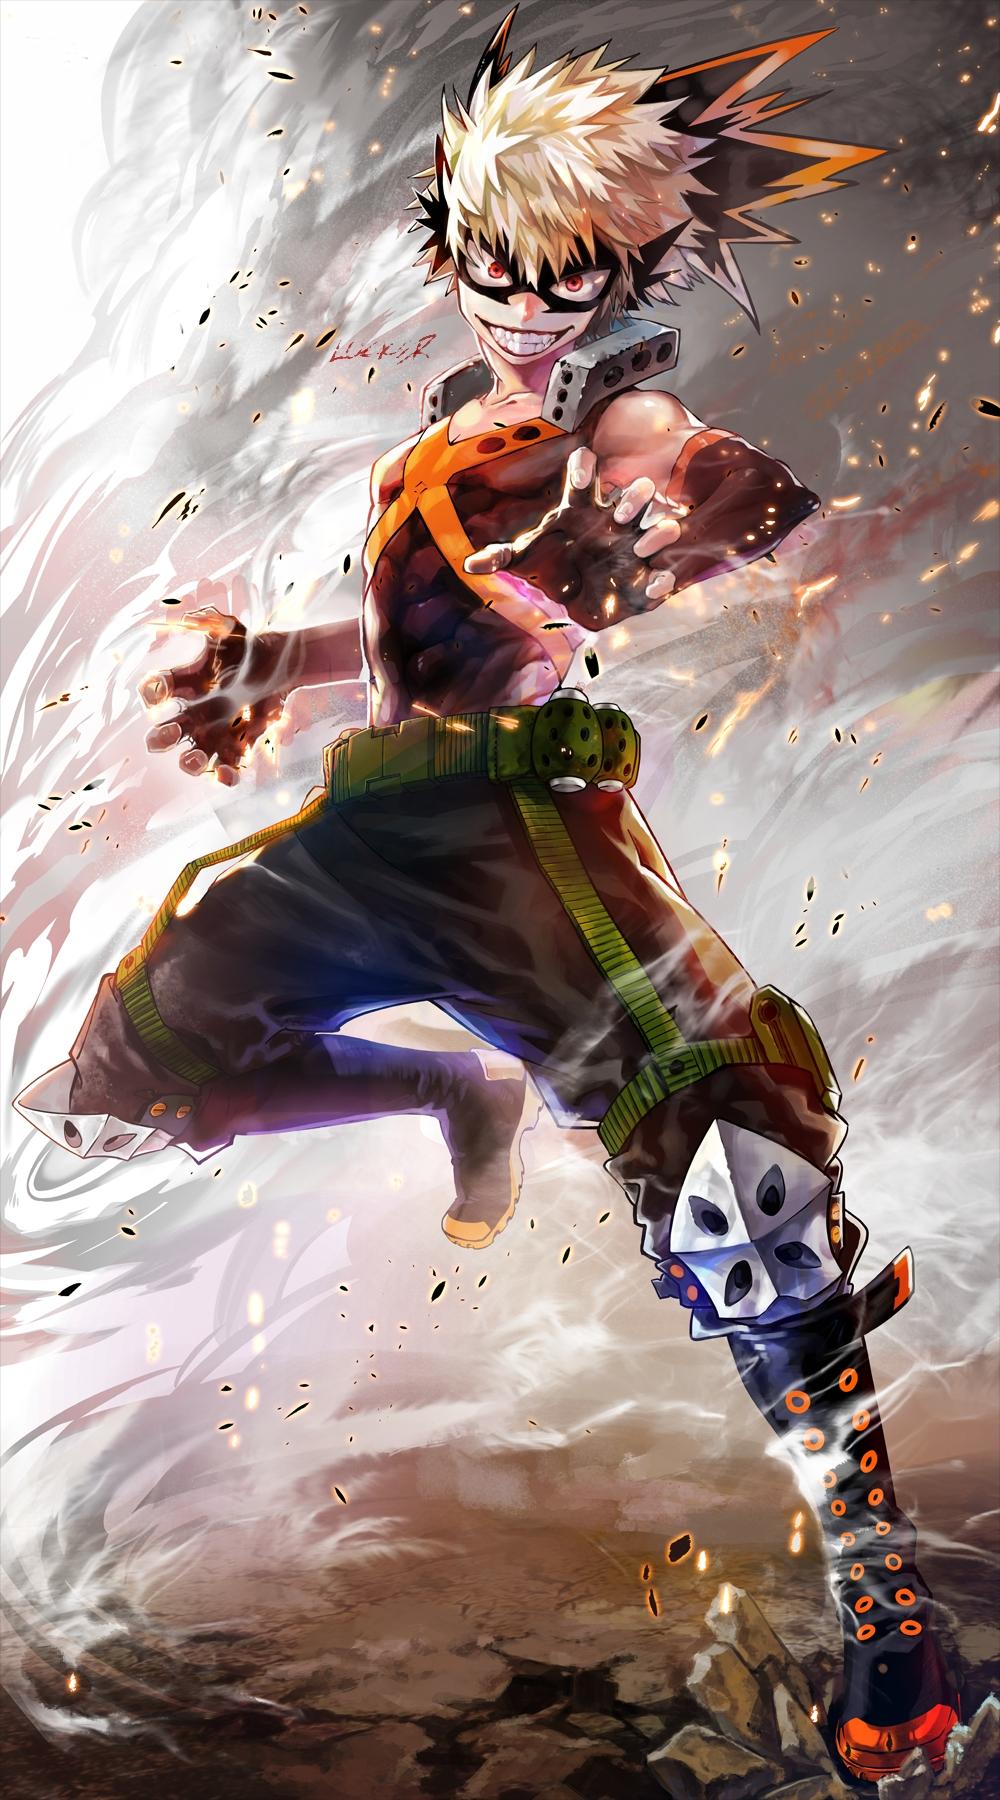 Bakugou Katsuki Boku No Hero Academia Mobile Wallpaper